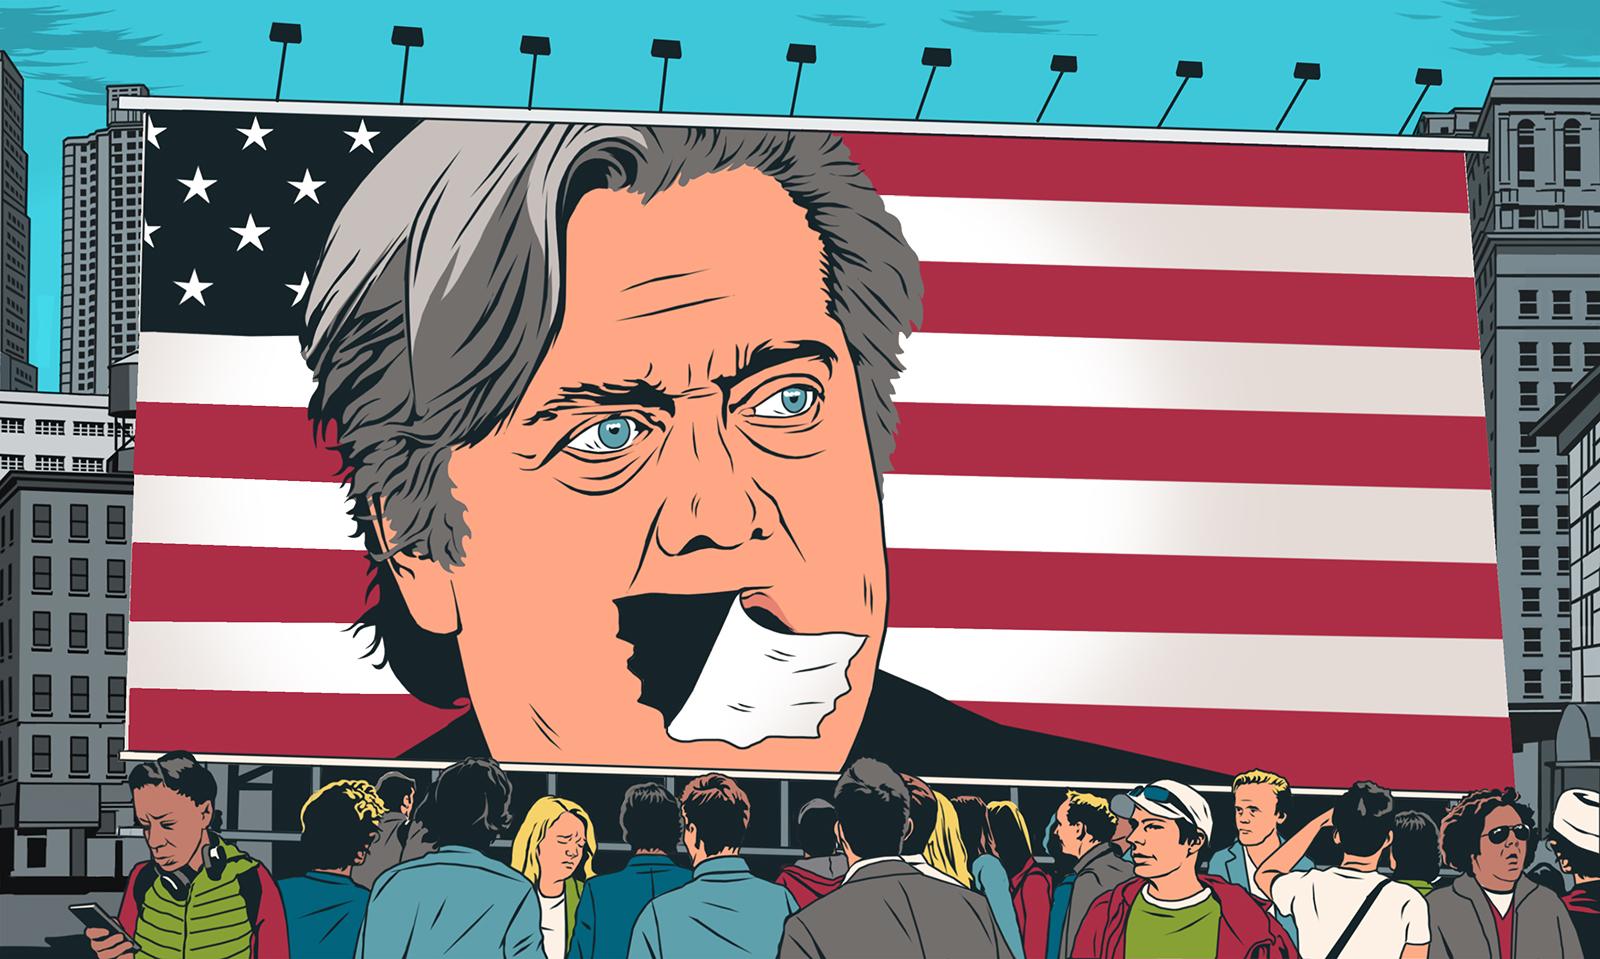 Bill Butcher / Free Speech / Financial Times